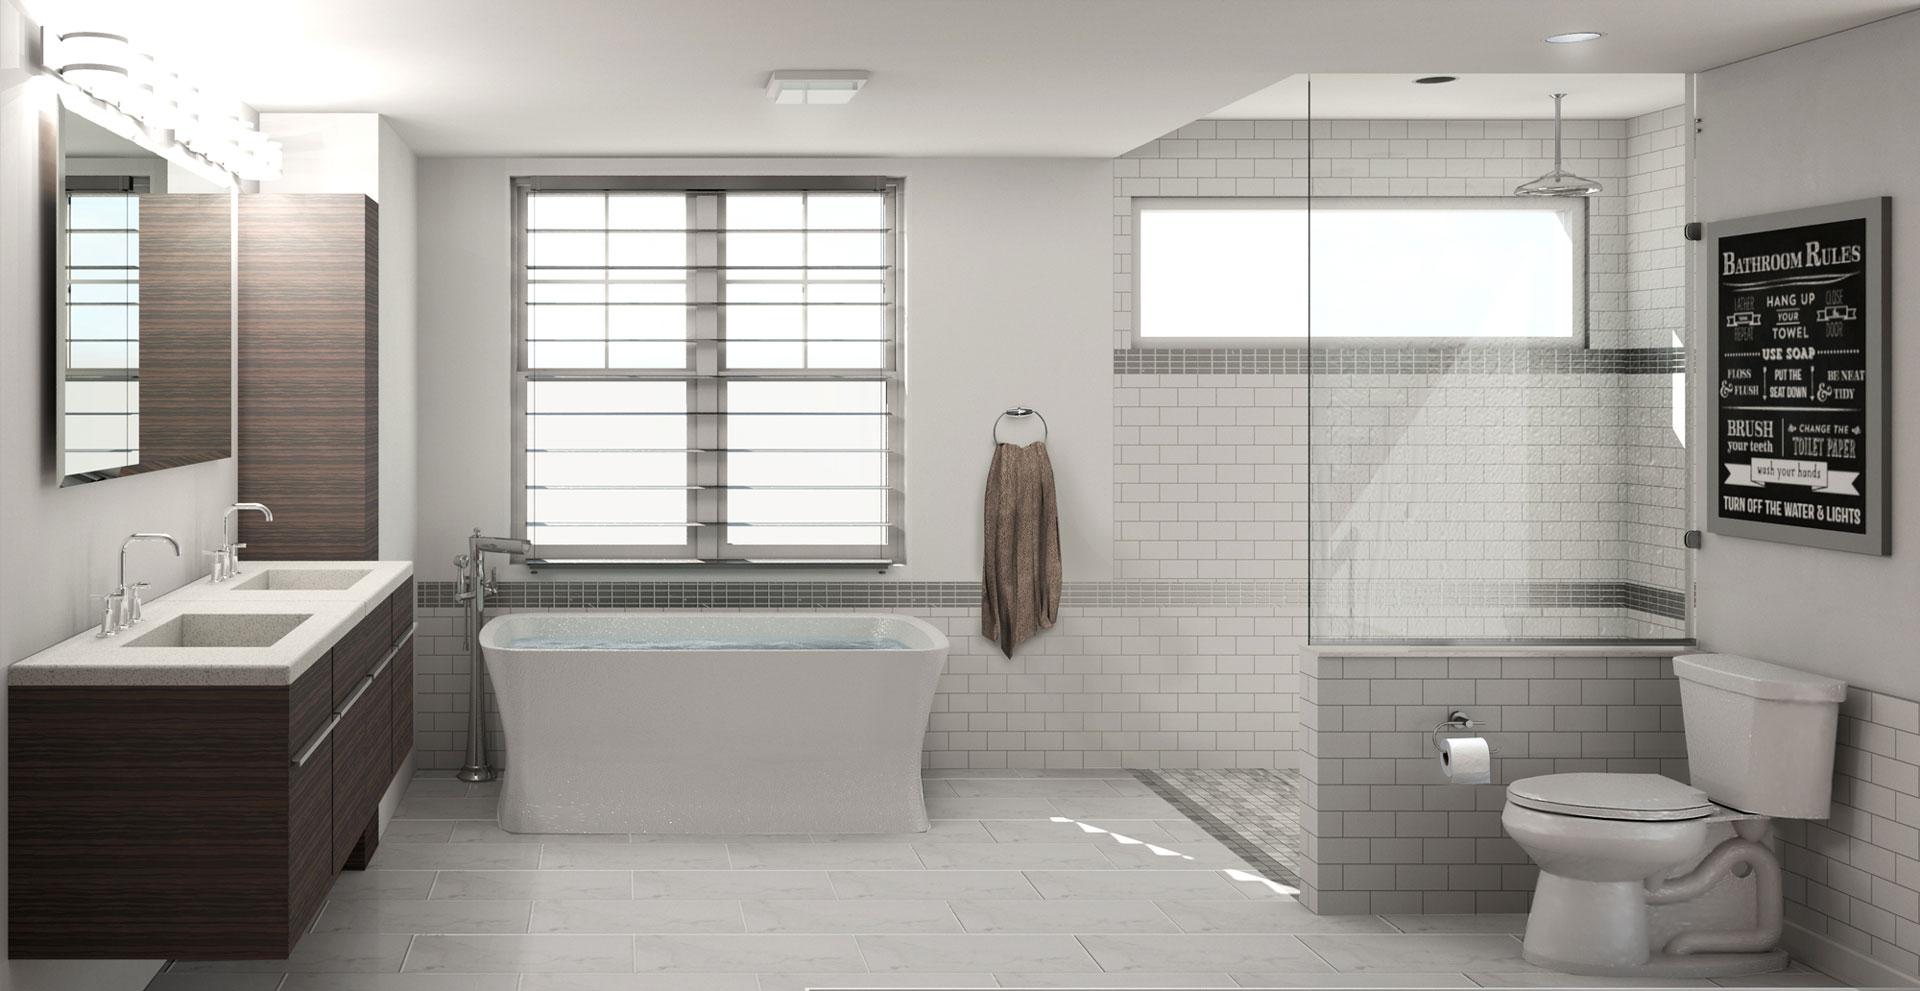 Residential architecture bathroom design